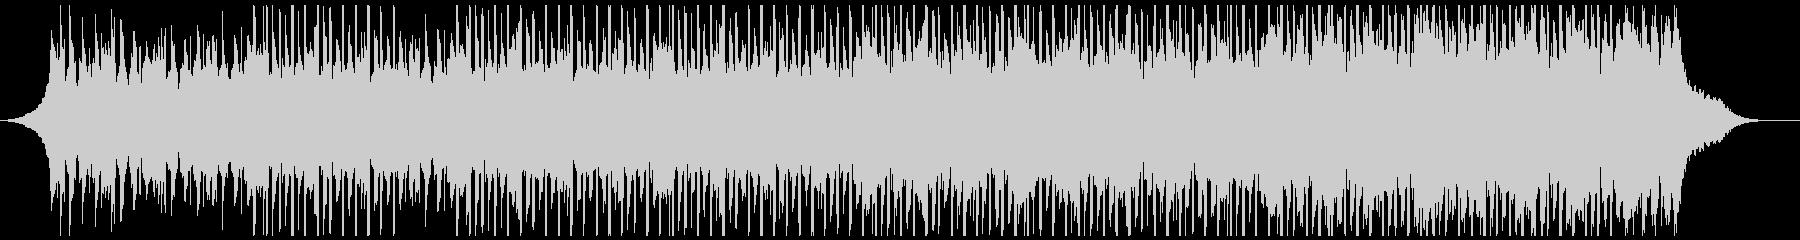 チュートリアル(中)の未再生の波形